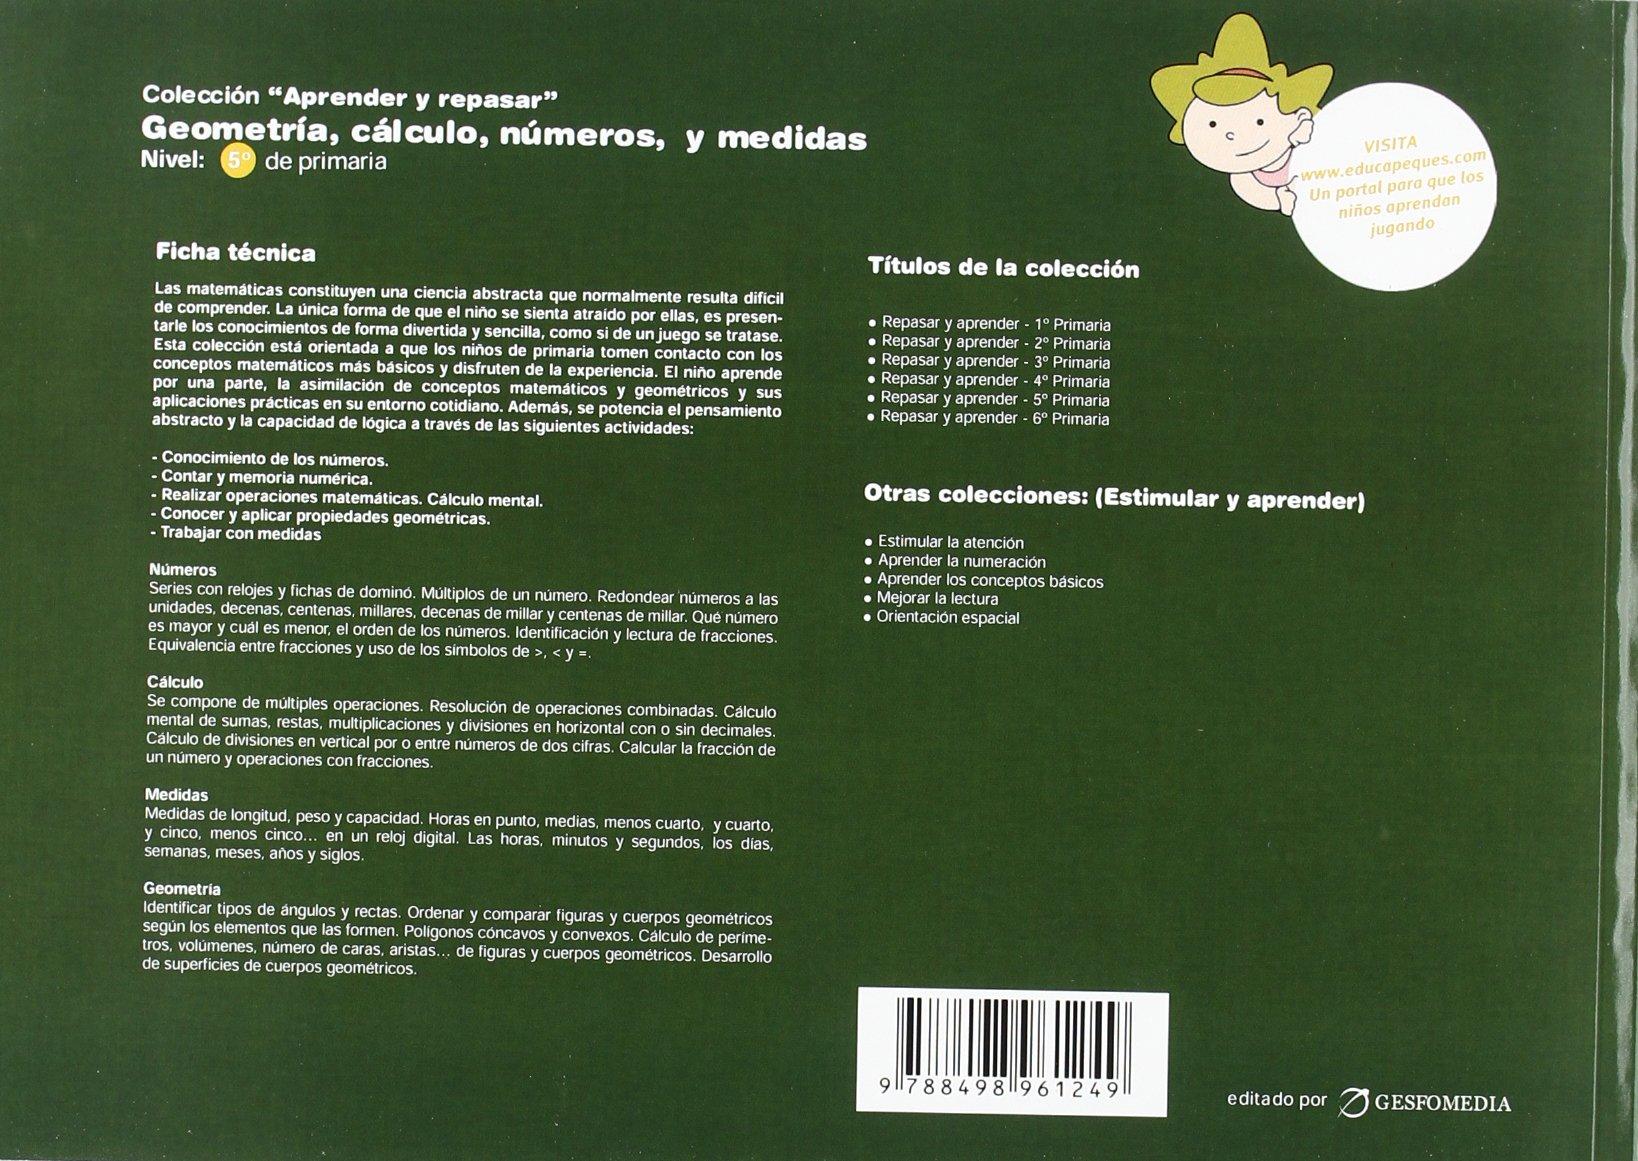 GEOMETRIA CALCULO NUMEROS Y MEDIDAS 5? PRIMARIA: AA VV: 9788498961249: Amazon.com: Books